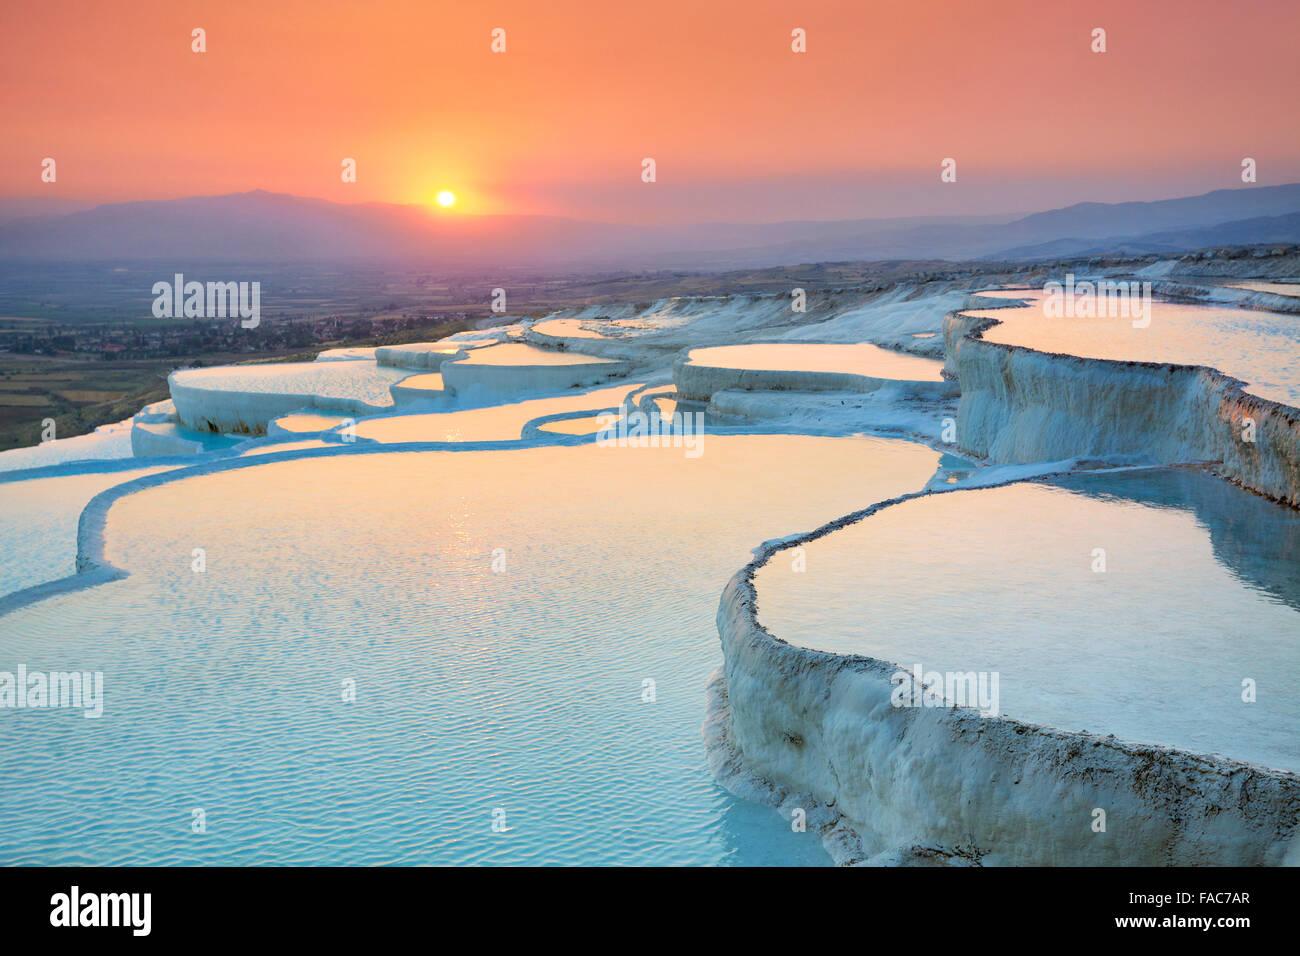 Landschaft bei Sonnenuntergang Pamukkale - Terrassen von Carbonat Mineralien links durch das fließende Wasser, Stockbild